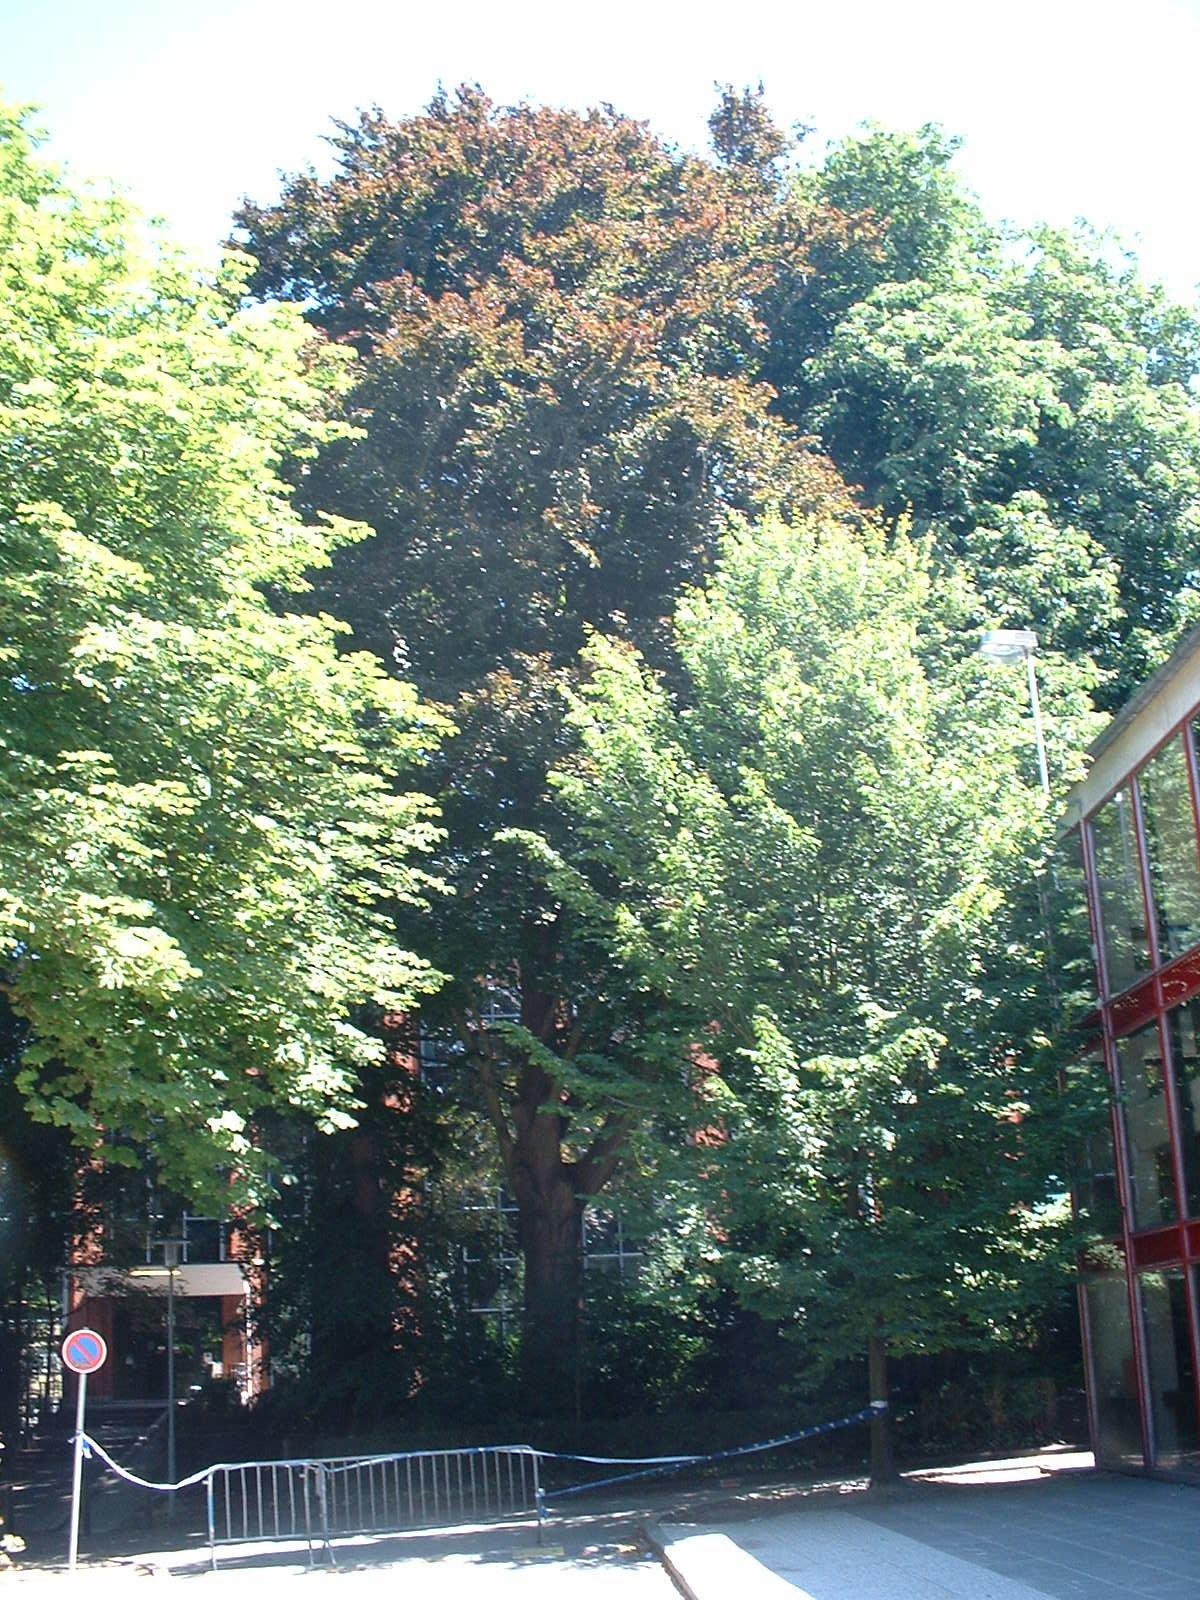 Hêtre pourpre – Bruxelles, Université Libre de Bruxelles - Solbosch, Avenue Adolphe Buyl –  15 Juillet 2003